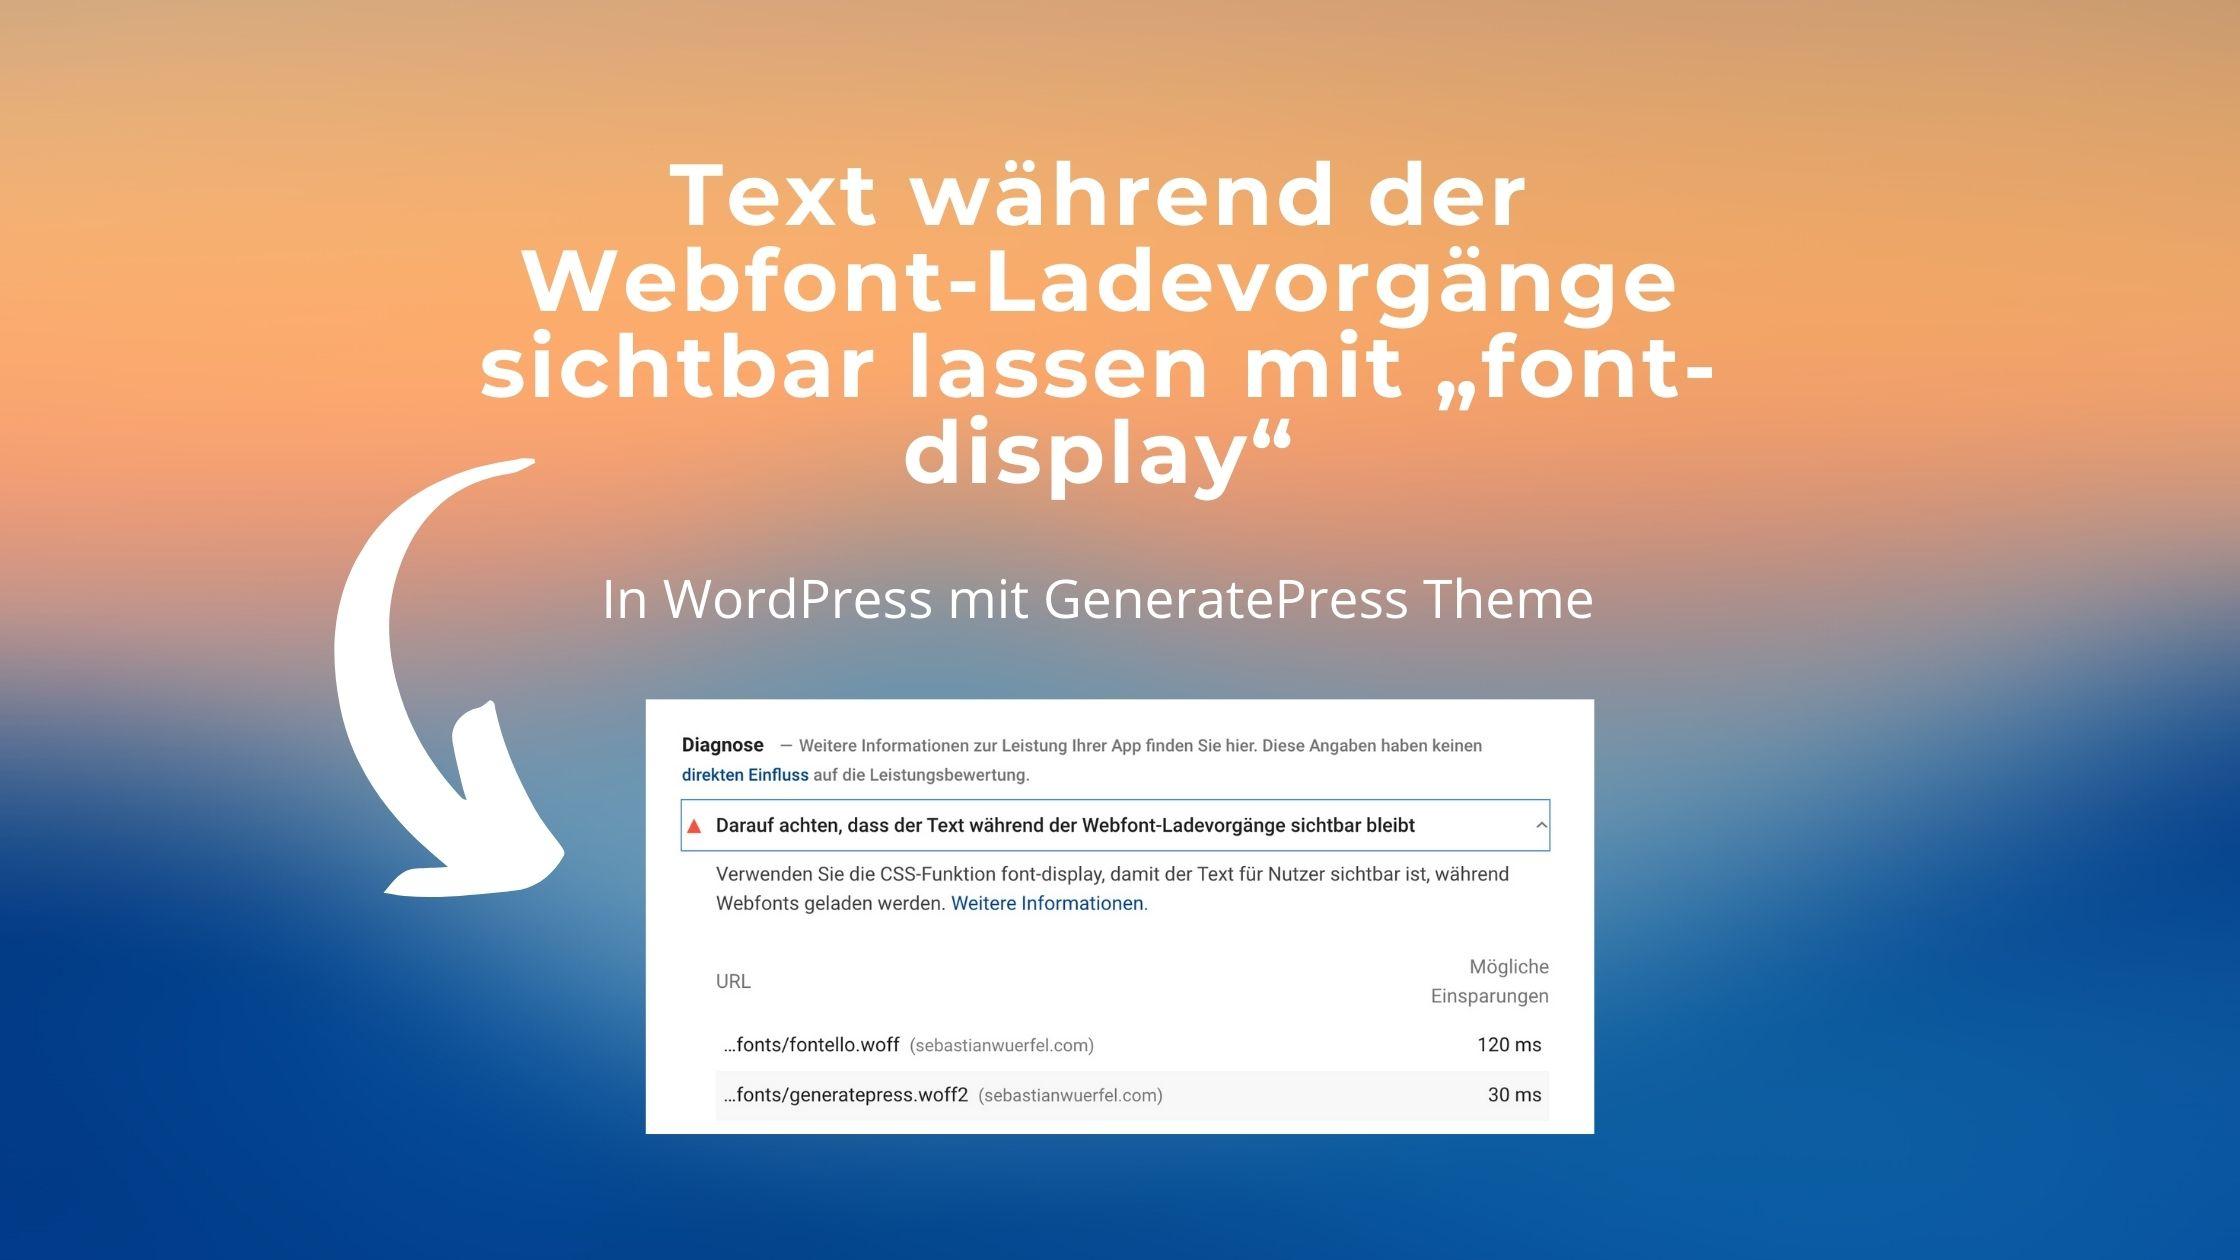 """Text während der Webfont-Ladevorgänge sichtbar lassen mit """"font-display"""" in WordPress"""